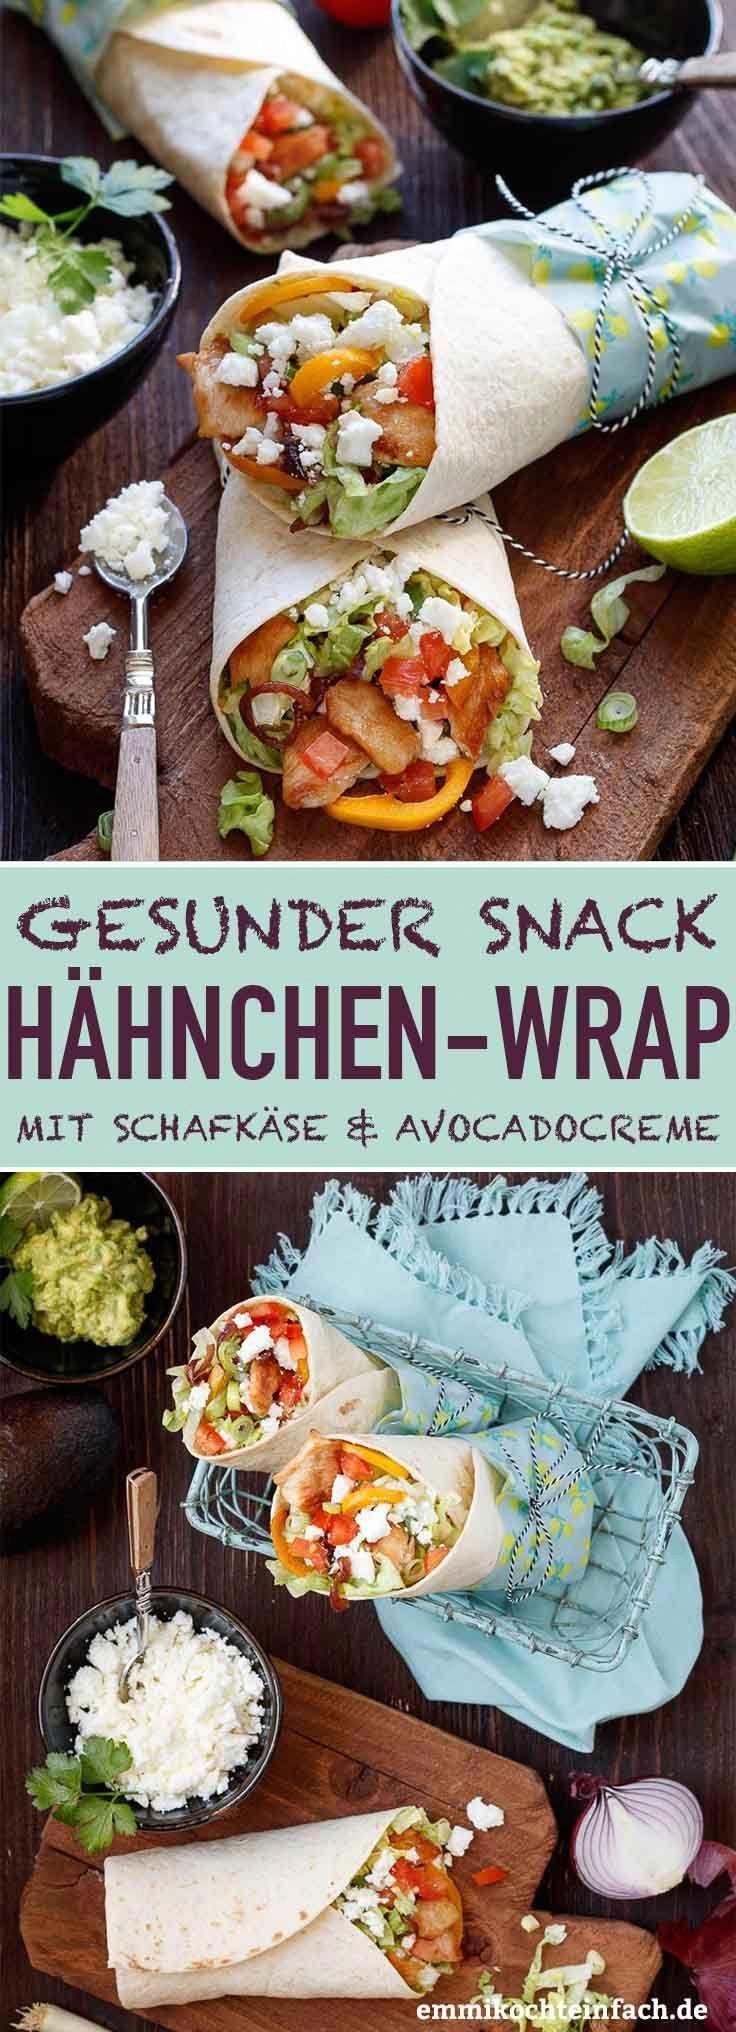 Wrap with chicken, sheeps cheese and avocado cream  - Reisesnacks - Rezepte für Unterwegs -